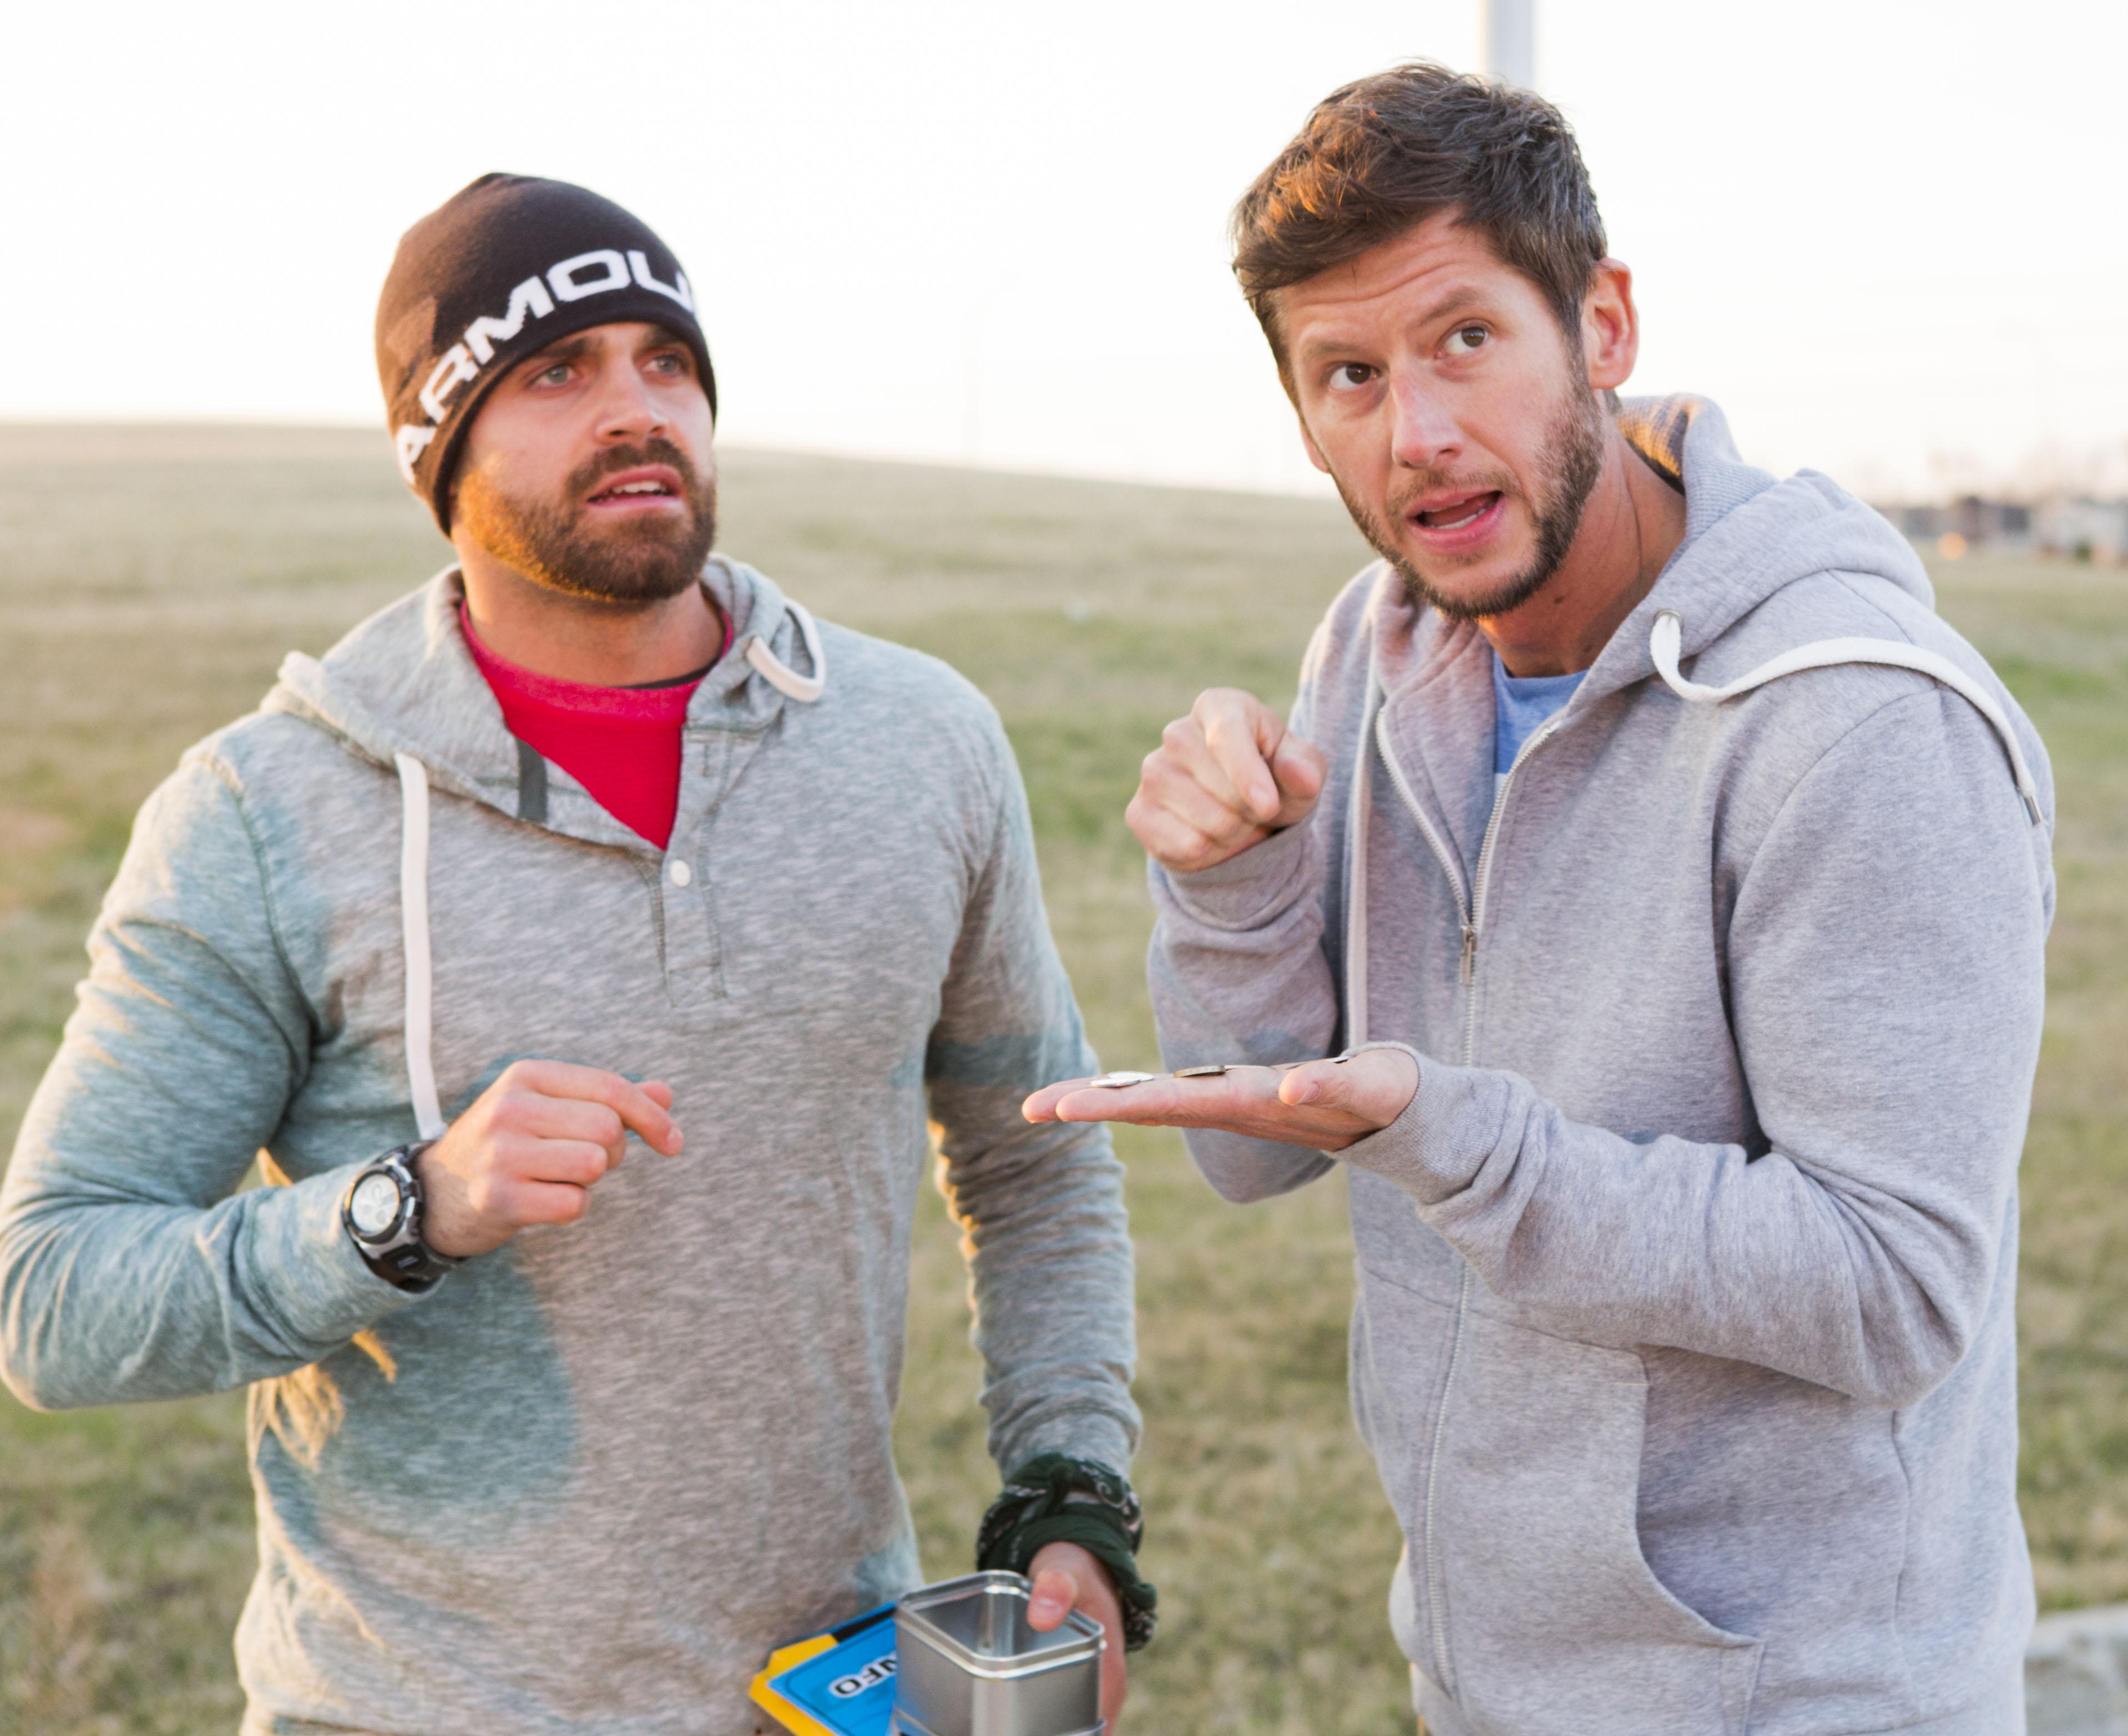 Rob-and-Ryan-at-Royal-Canadian-Mint